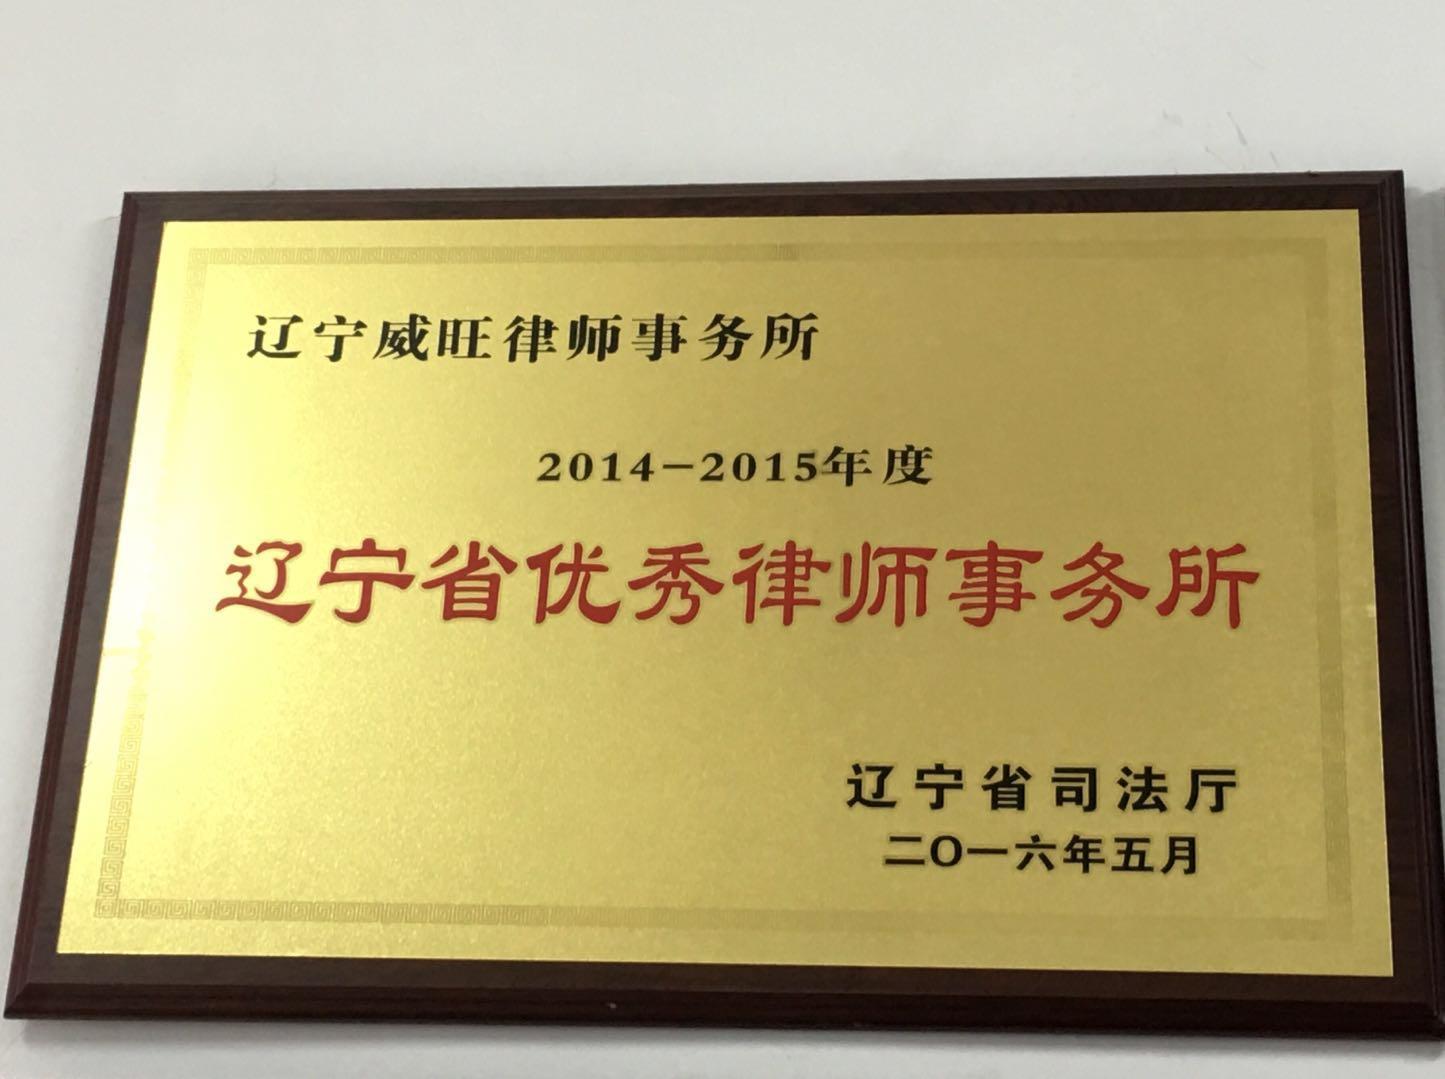 辽宁省优秀律师事务所